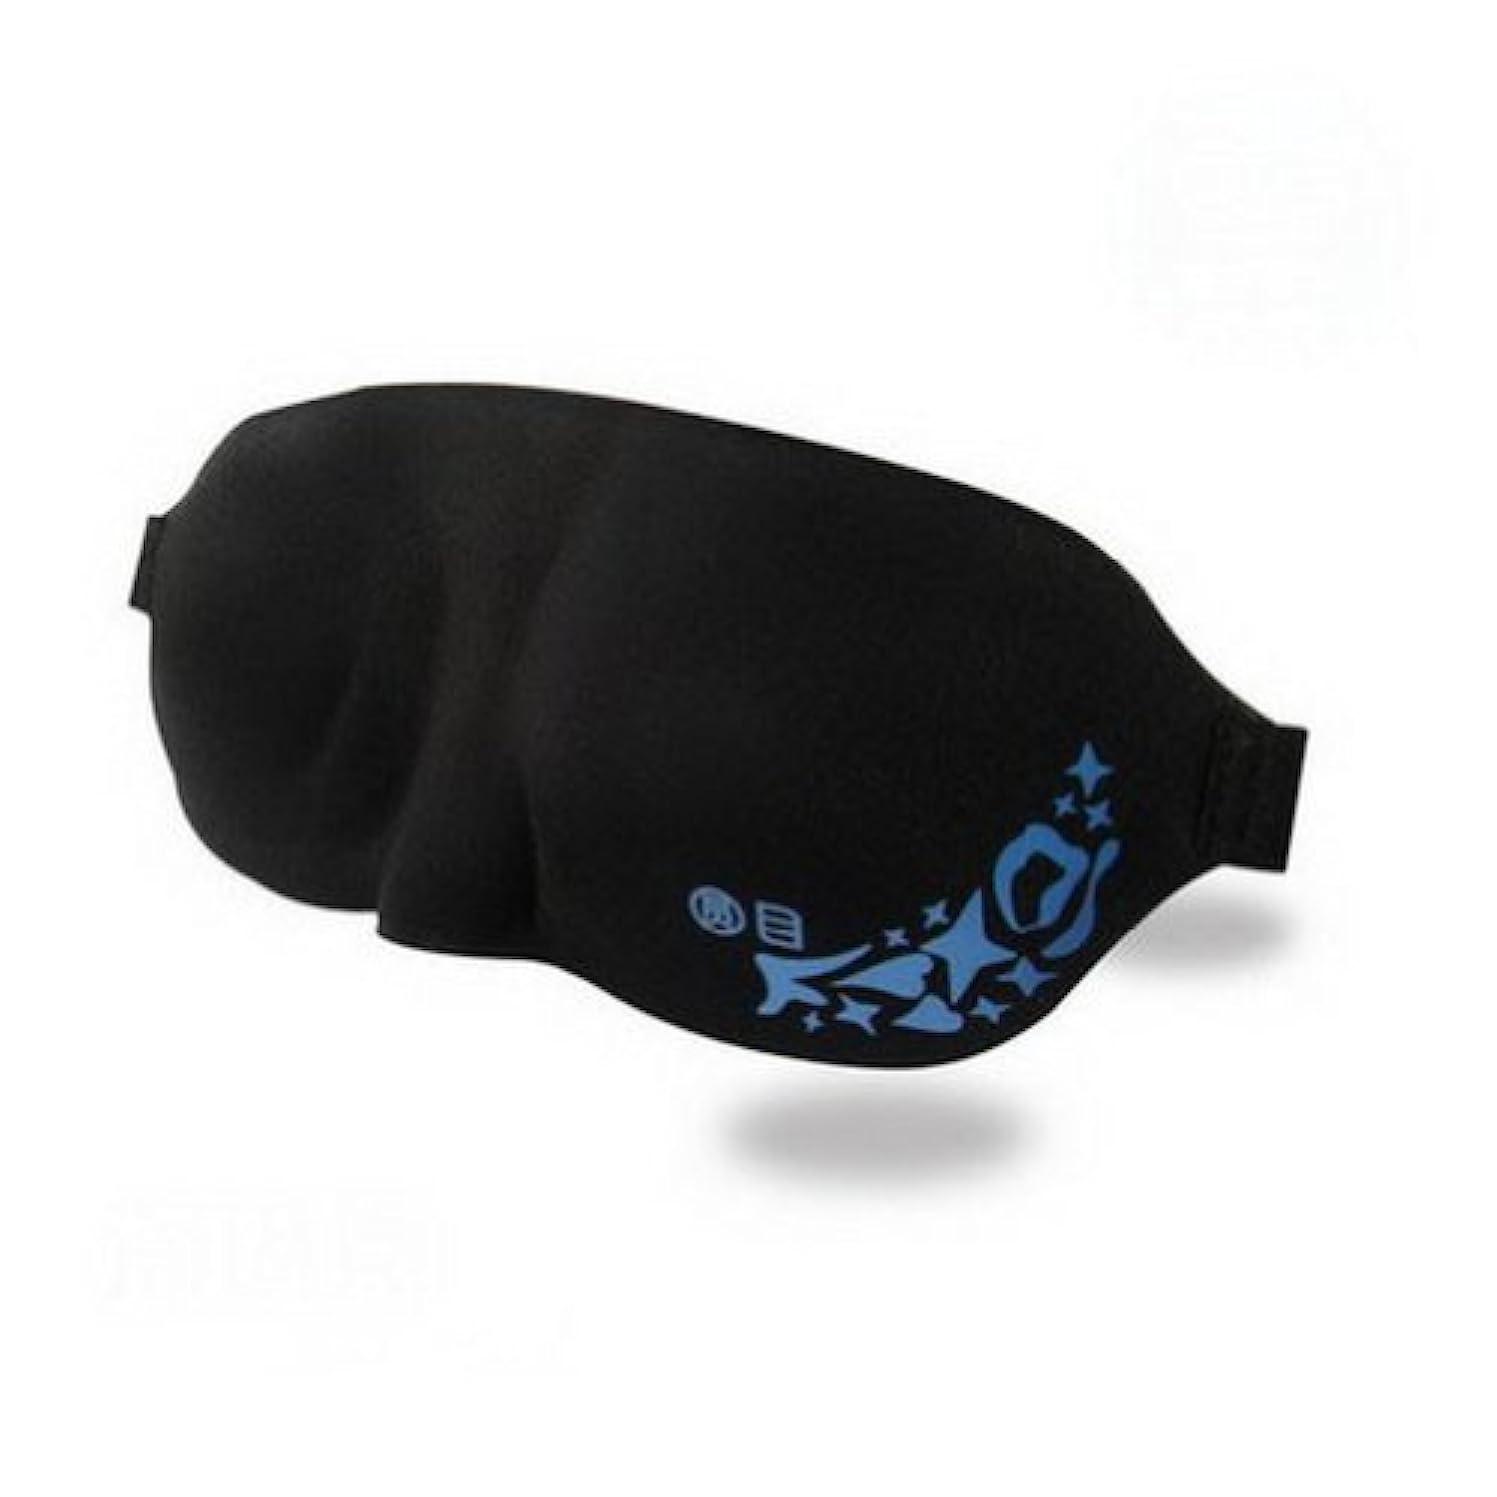 中央脈拍旅行アイマスクアイダイアリー目隠しシェード睡眠補助カバーライトガイドリラックスブラック